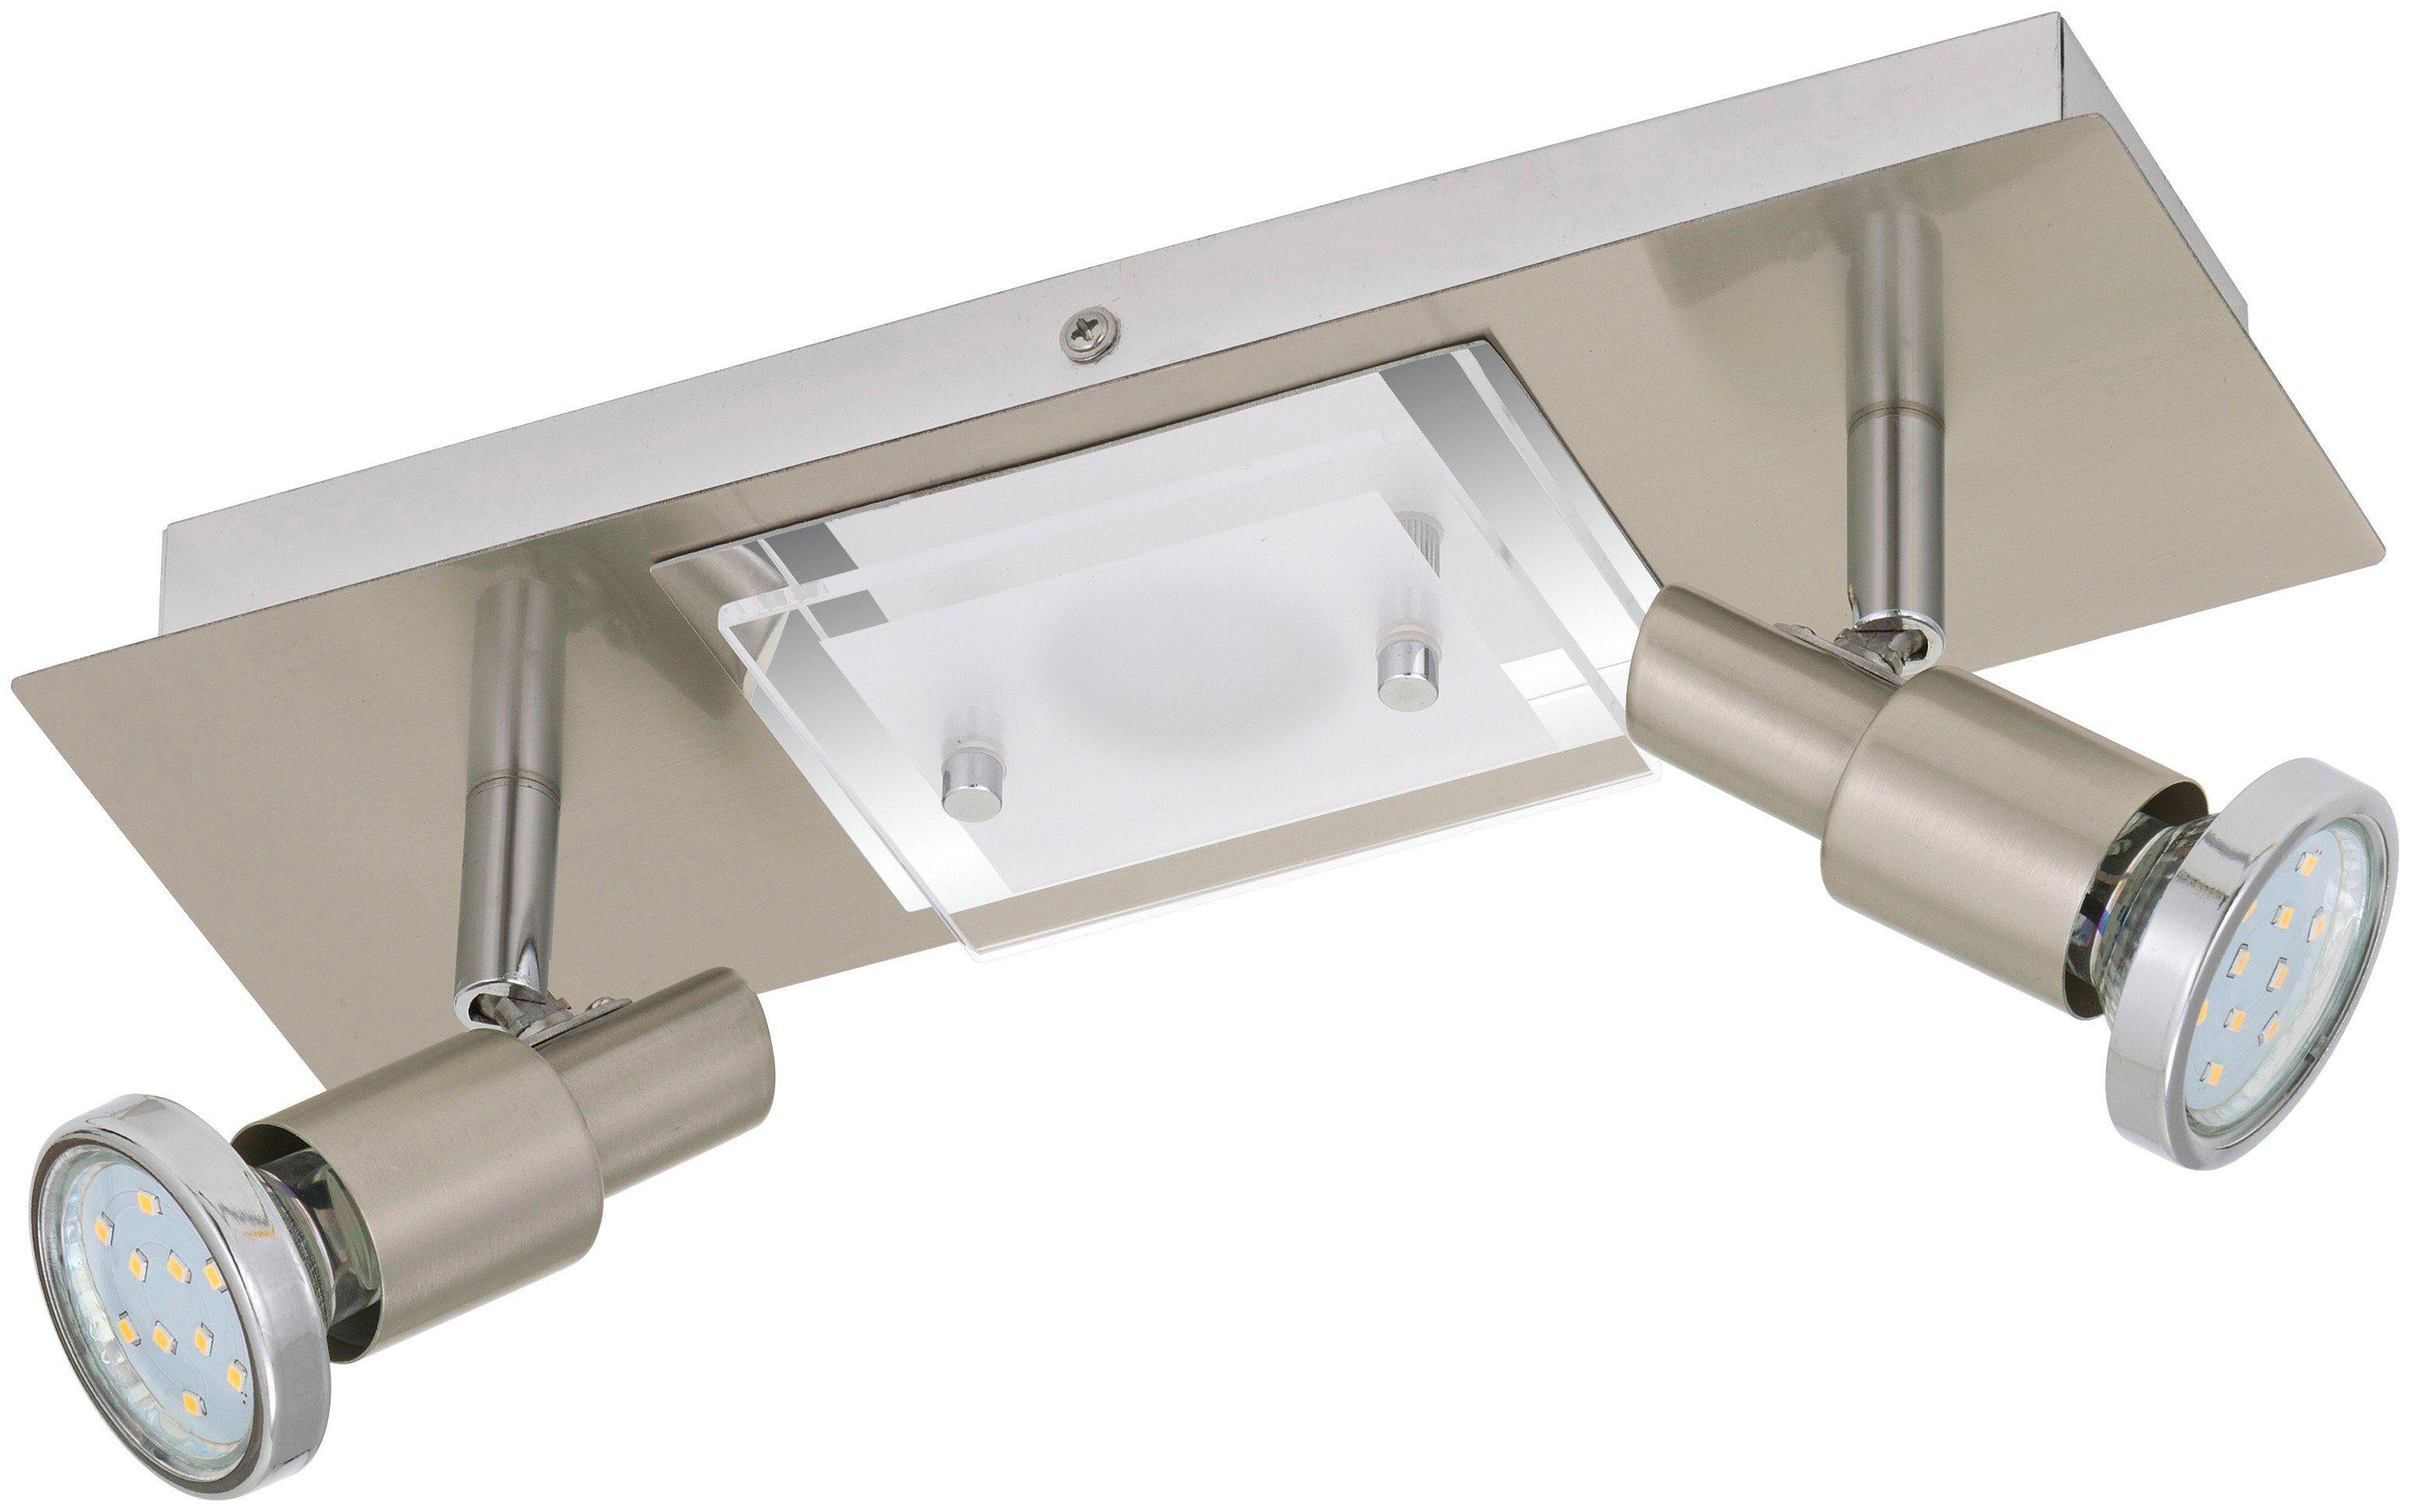 BRILONER LED-Deckenleuchte »Combinata«, 3-flammig, matt-nickel, 3W/5W